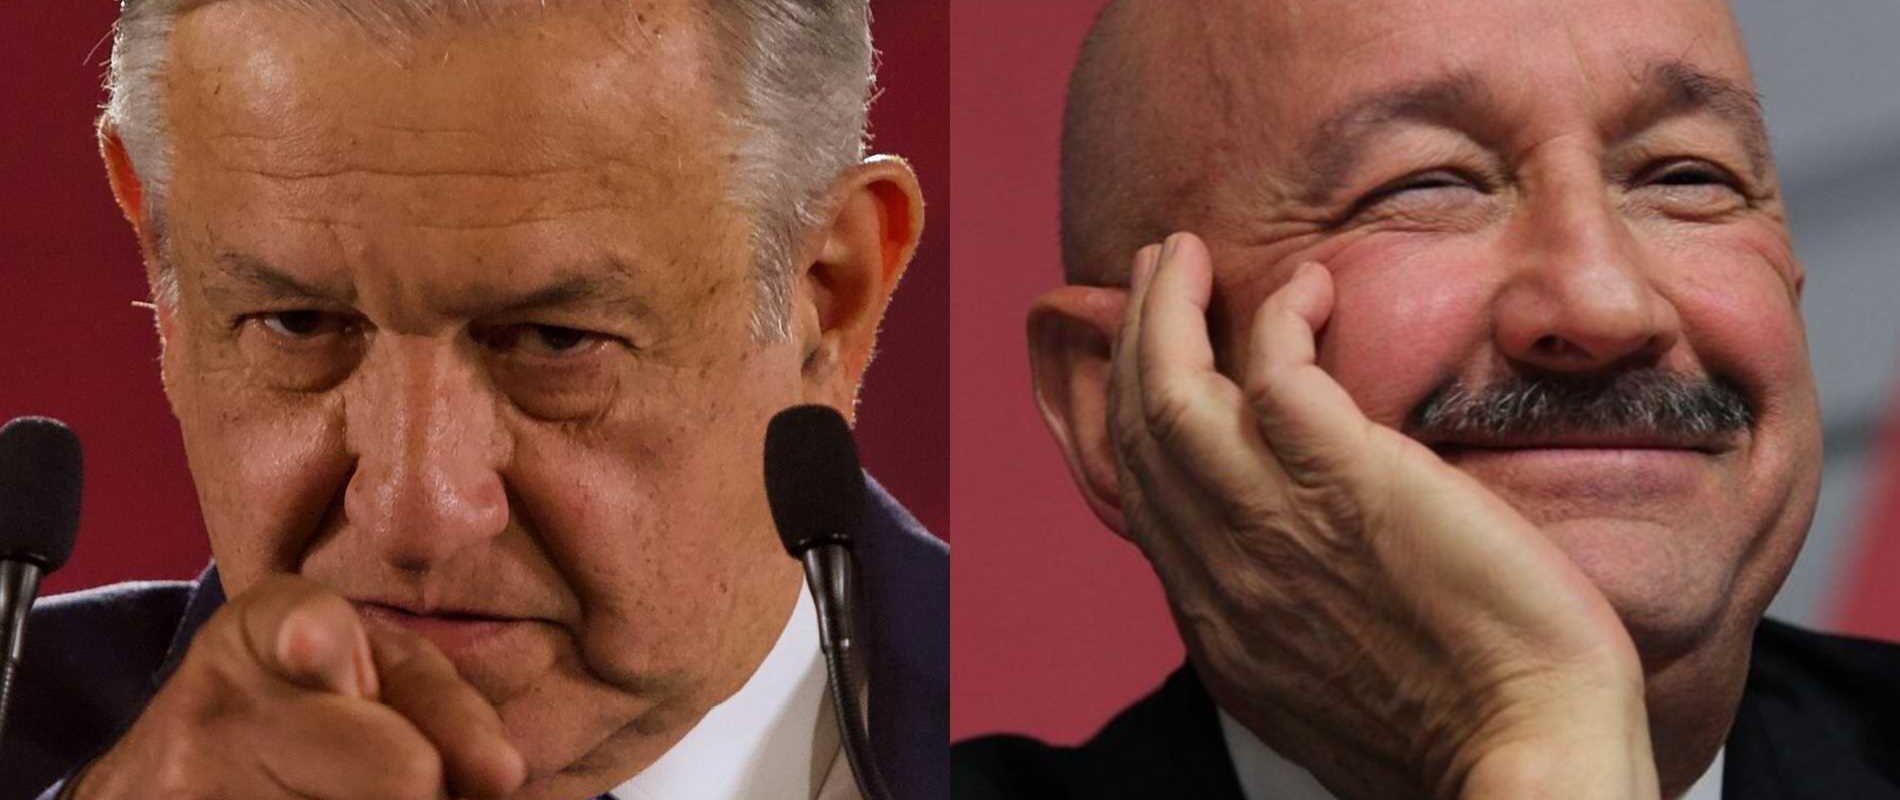 Puro show que Salinas de Gortari acabó con la corrupción de México: AMLO